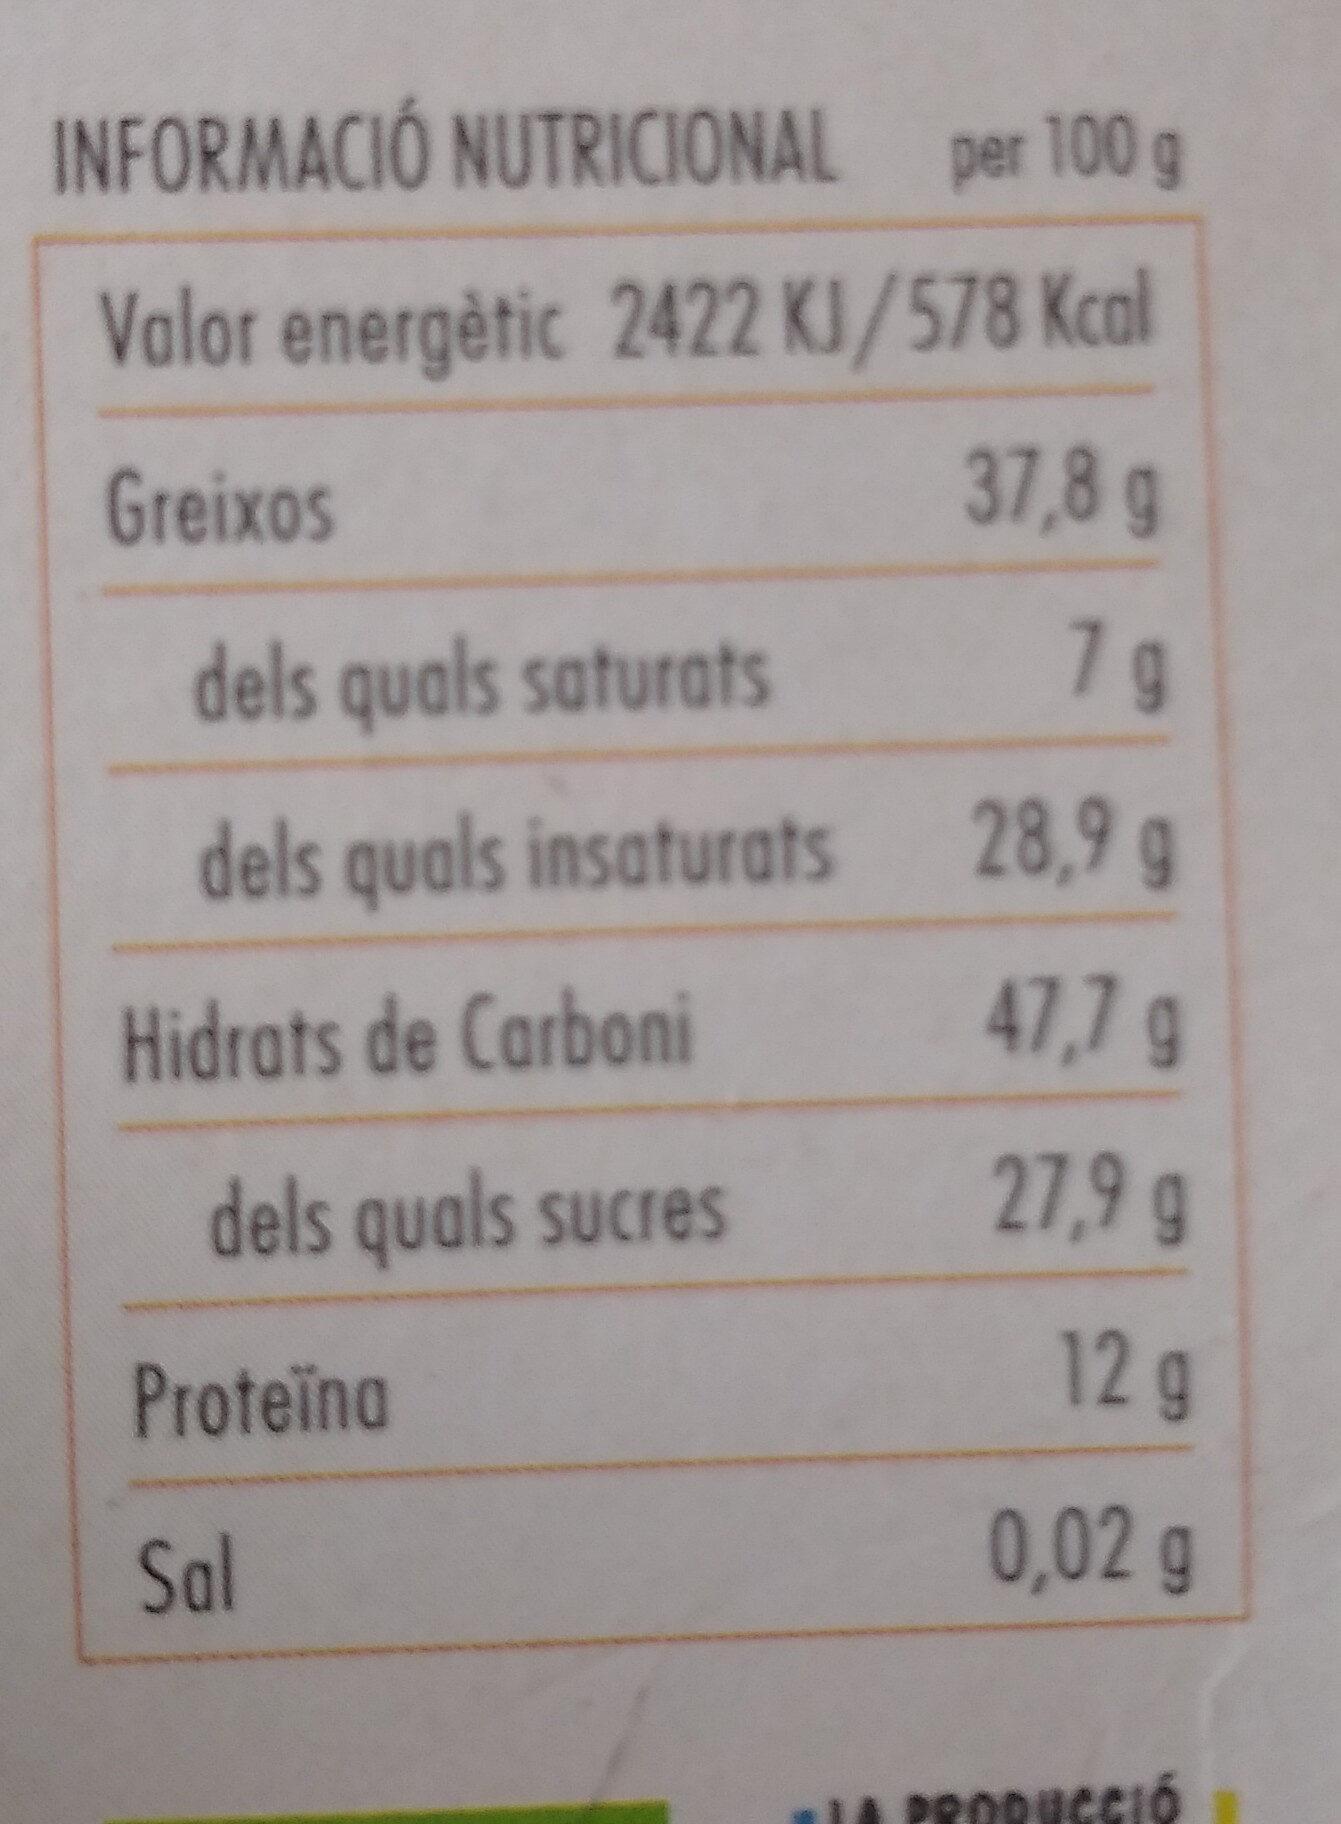 Sèsam caramel·litzat amb Cúrcuma - Información nutricional